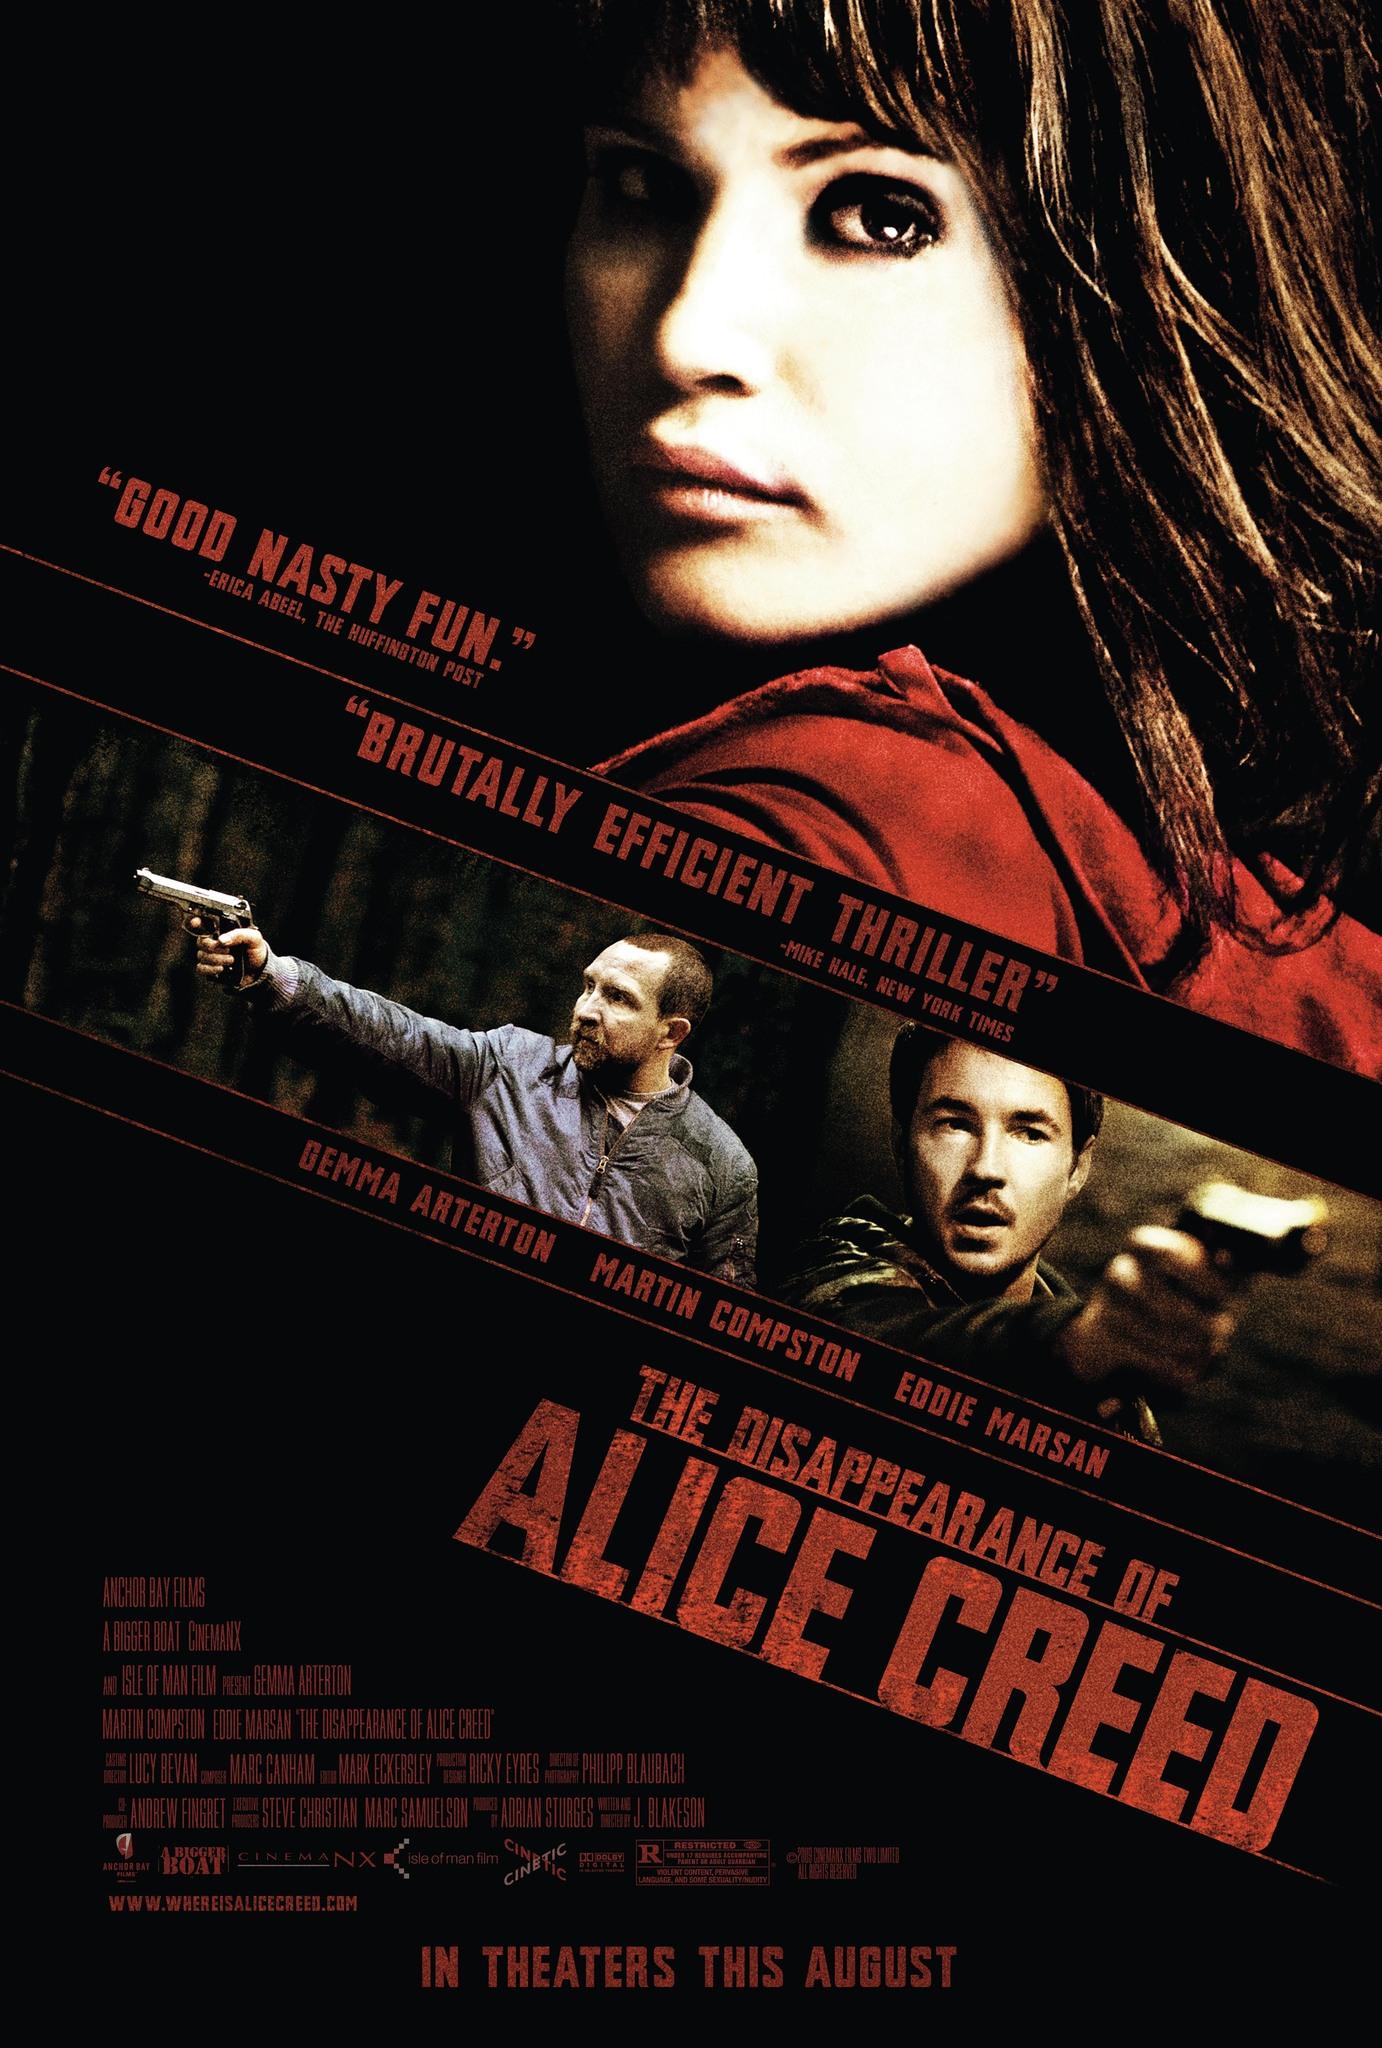 ดูหนัง The Disappearance of Alice Creed (2009) เกมรัก เกมอาชญากรรม